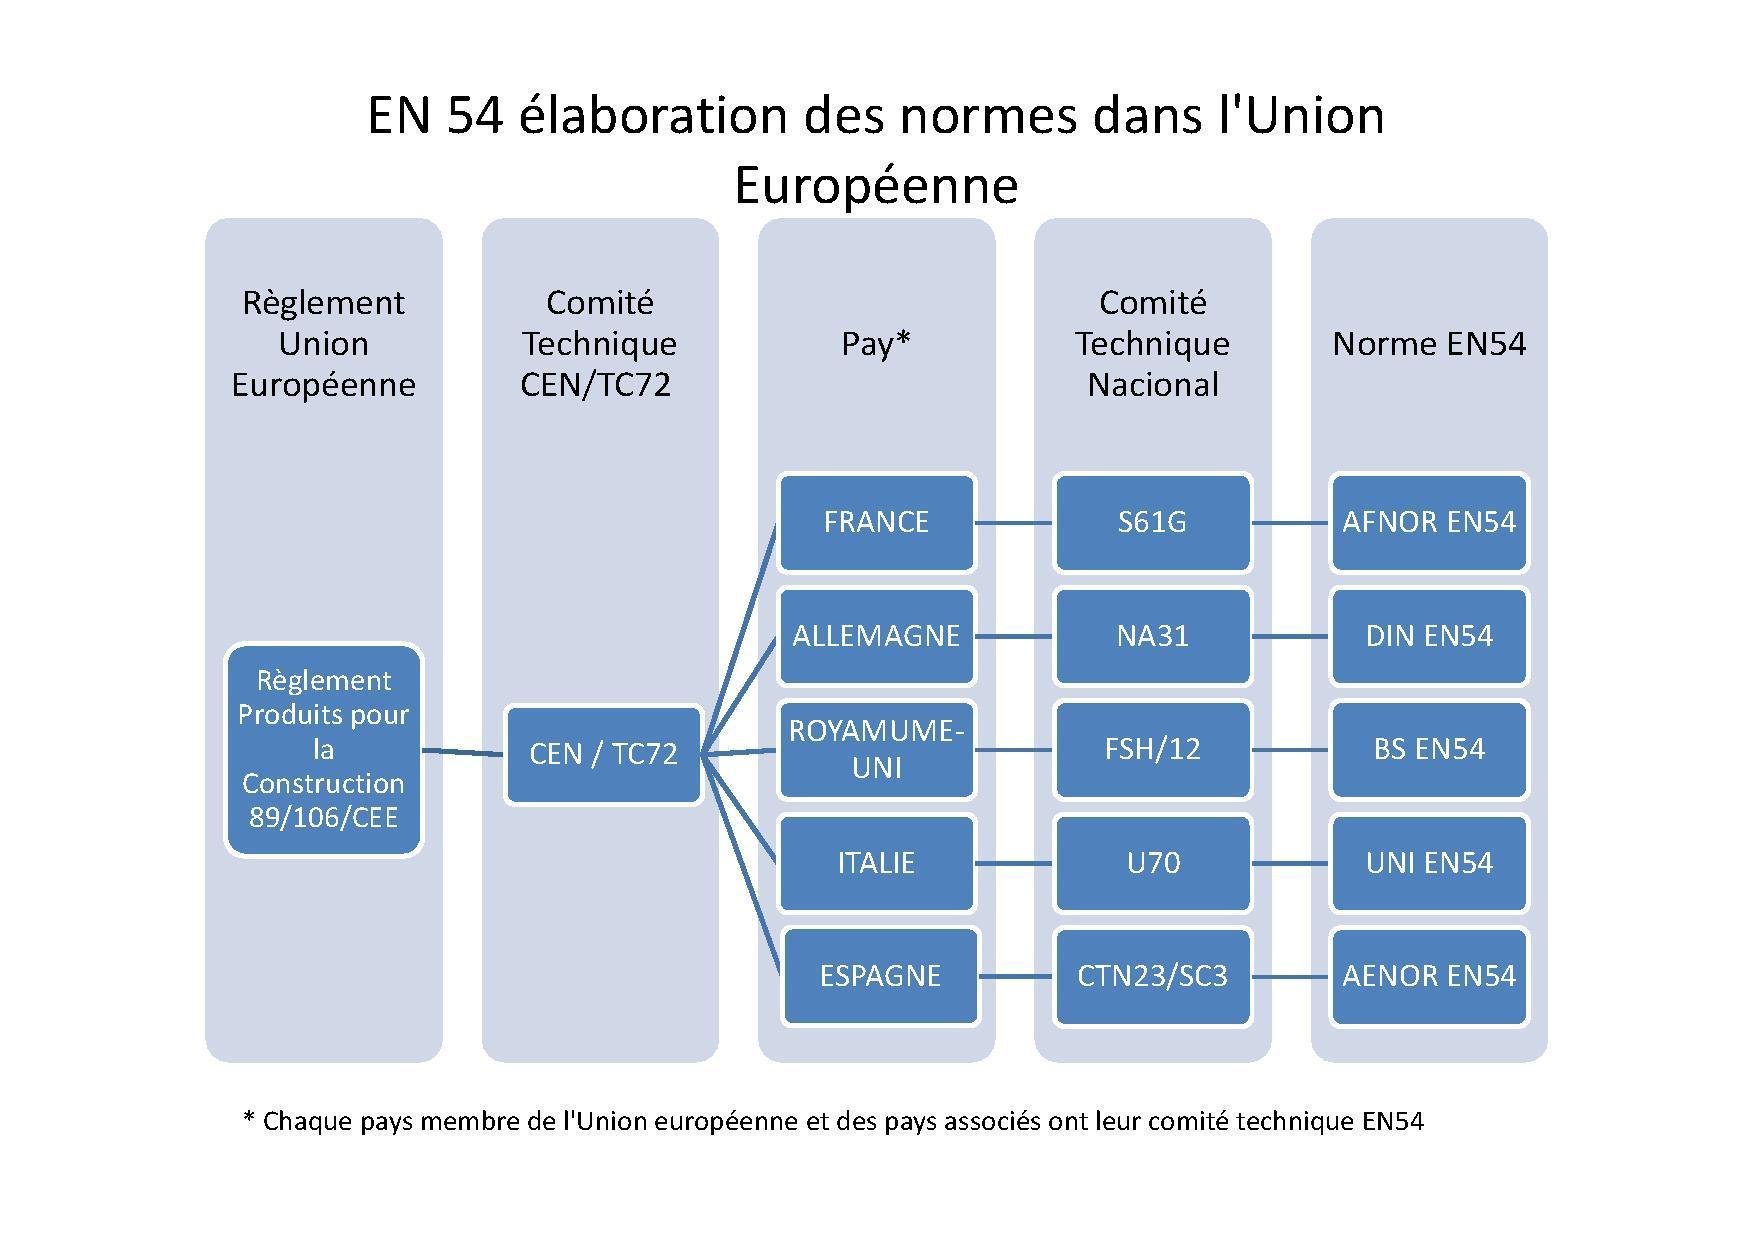 Fichier en54 elaboration des normes dans l wikip dia - Norme europeenne en 13241 1 ...